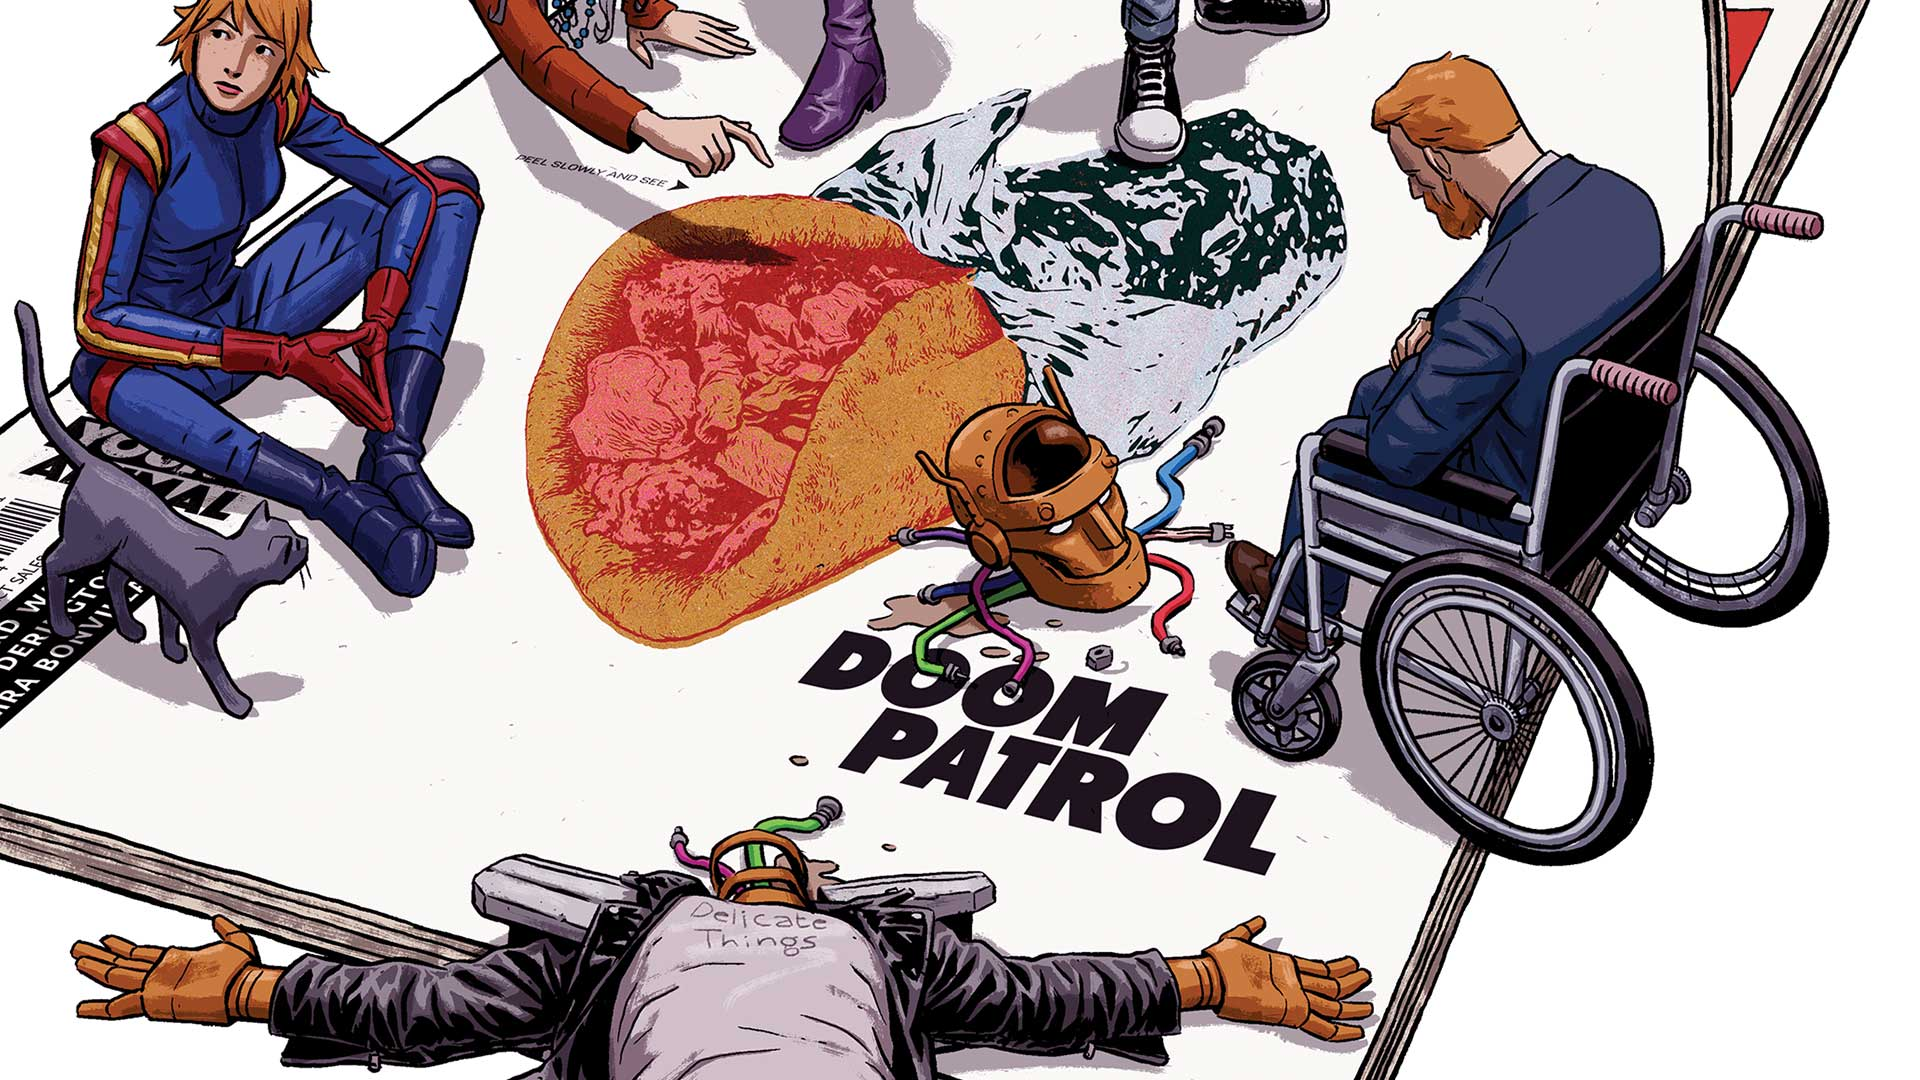 Doom Patrol un cómic lleno de controversia. Gerard Way la sigue manteniendo.